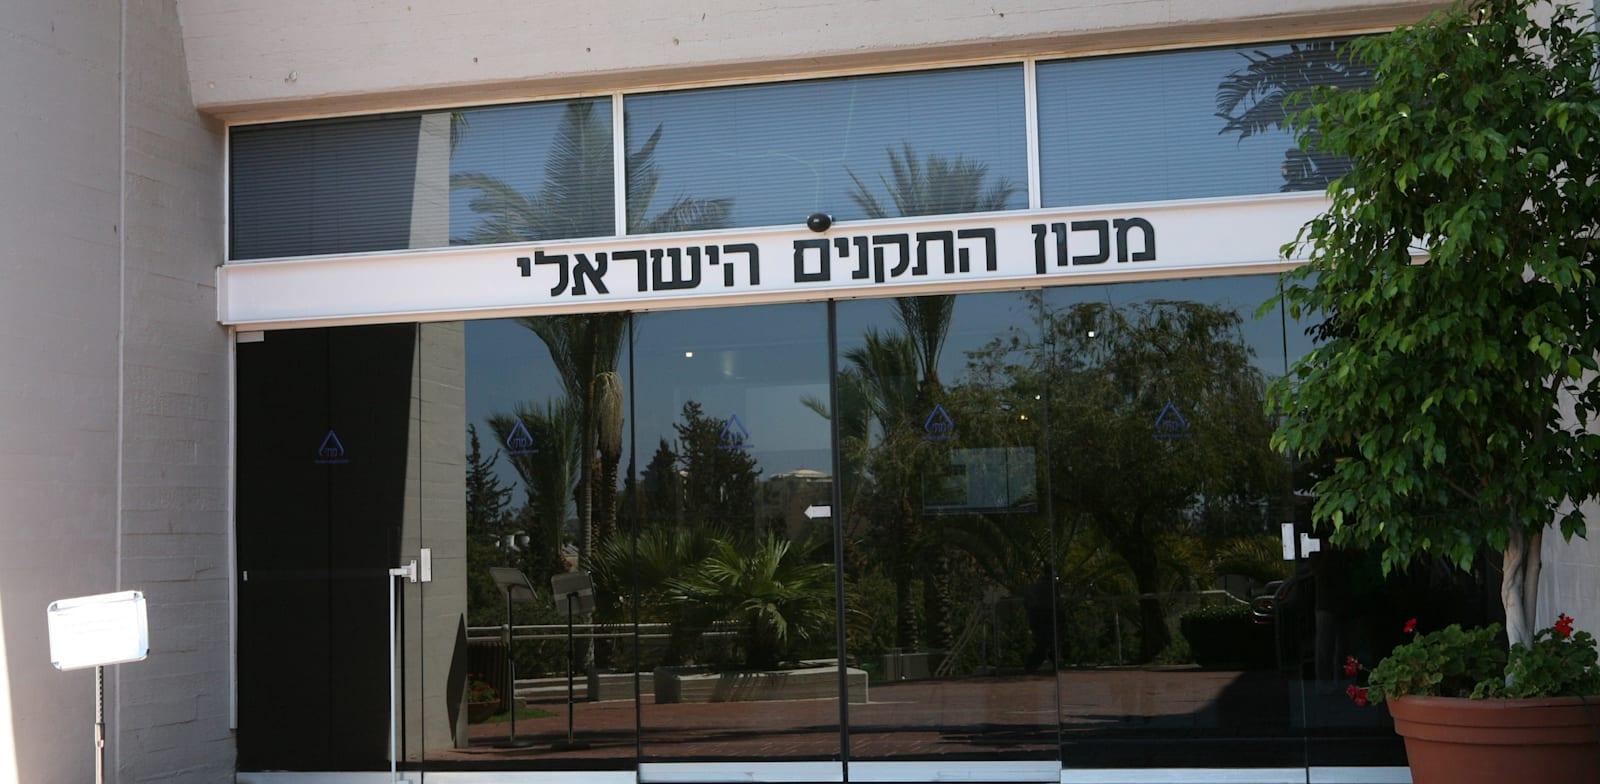 בניין מכון התקנים בתל אביב / צילום: עינת לברון